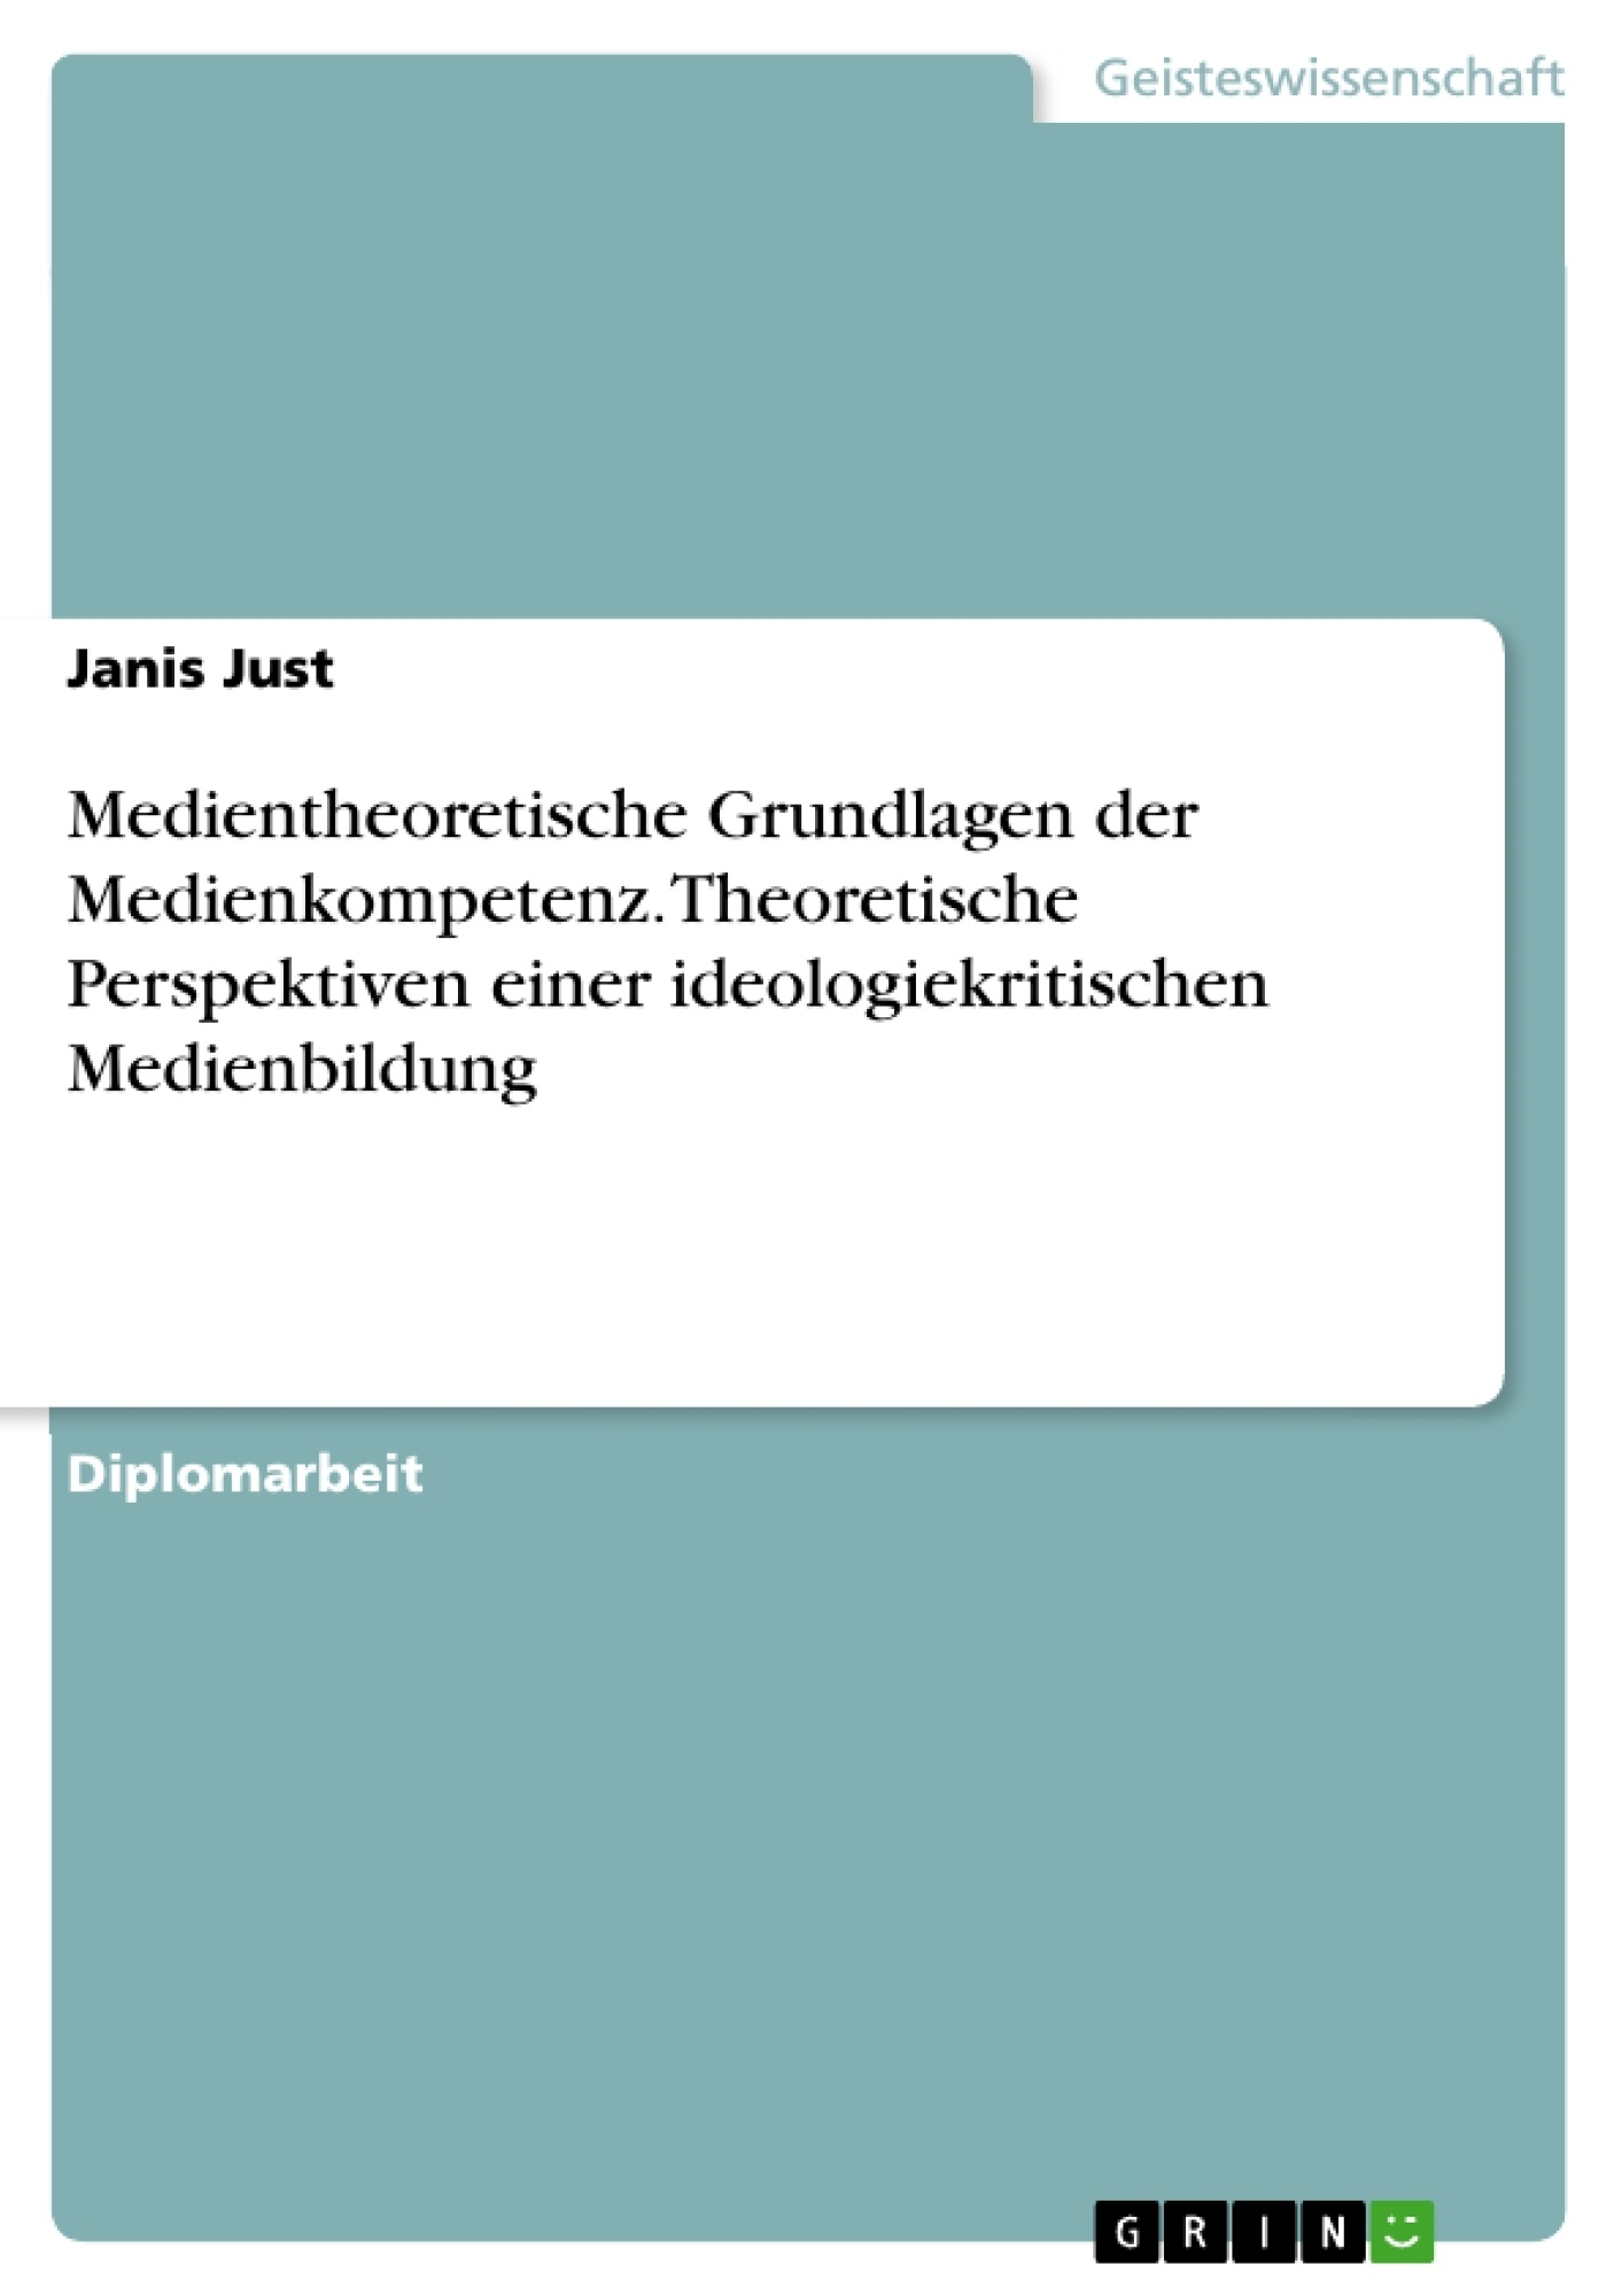 Titel: Medientheoretische Grundlagen der Medienkompetenz. Theoretische Perspektiven einer ideologiekritischen Medienbildung